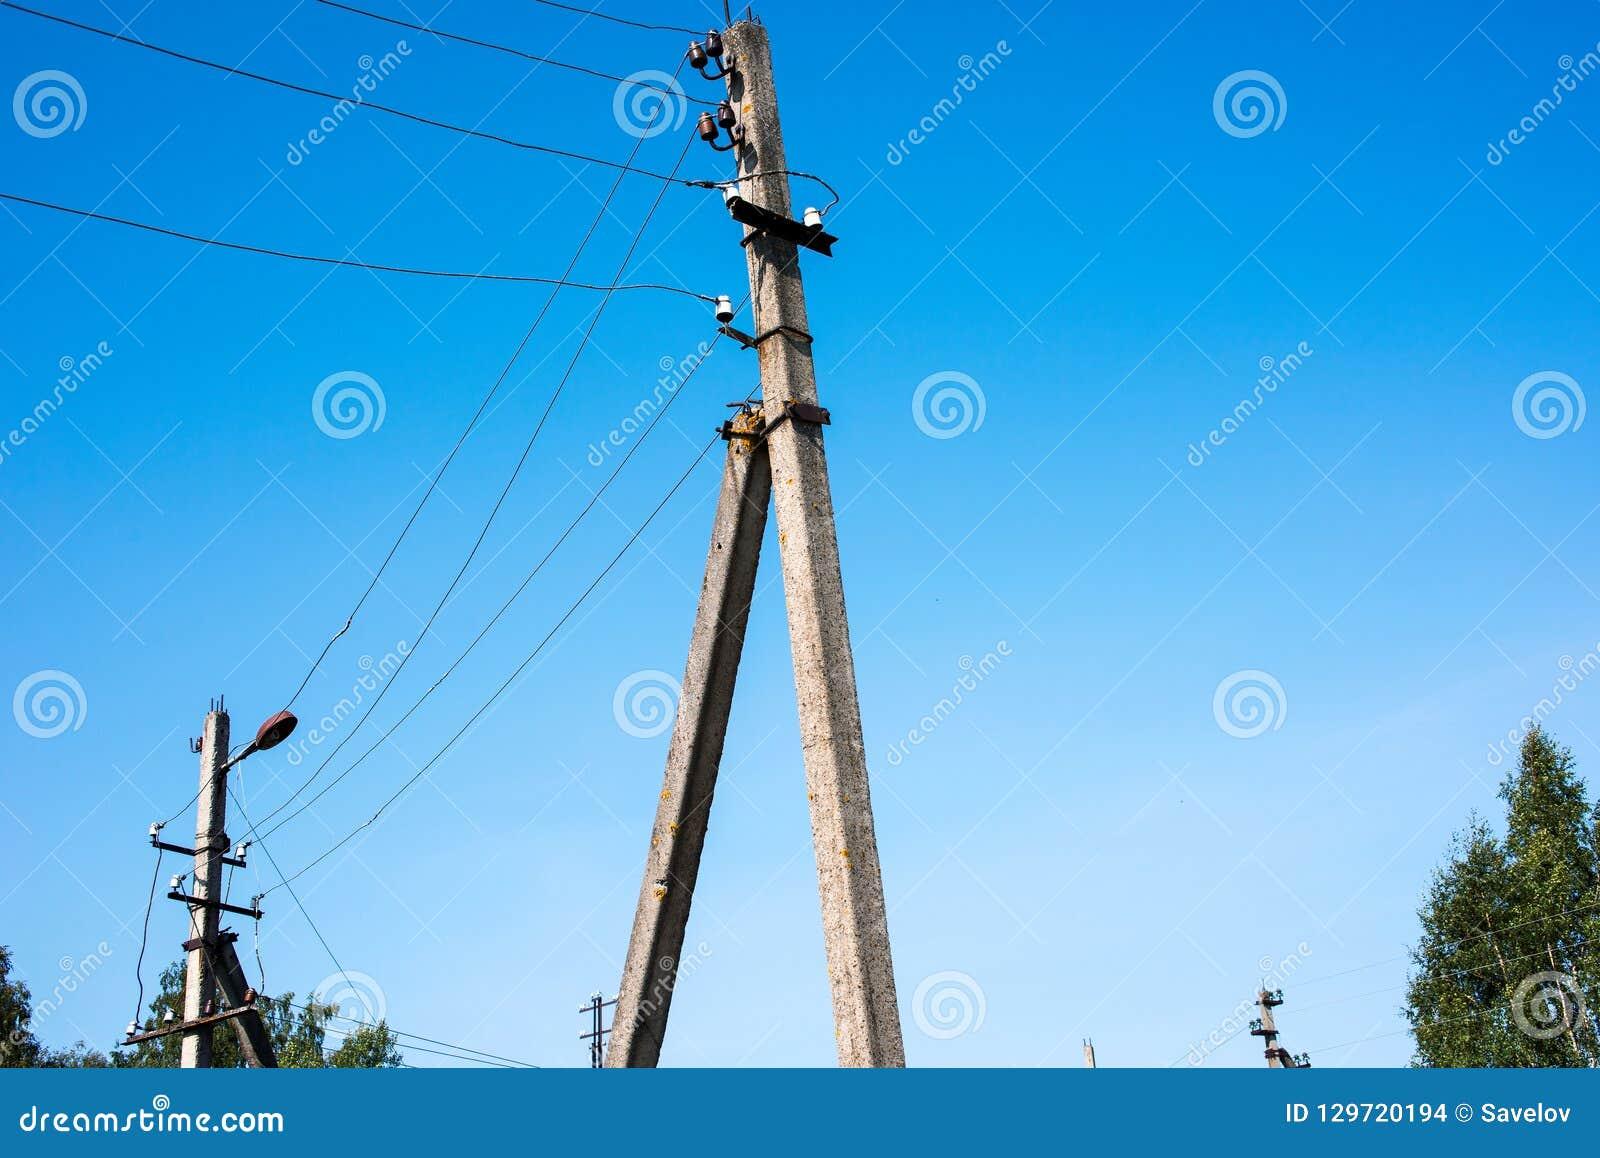 Concrete pijlers van hoogspanningsnetwerk